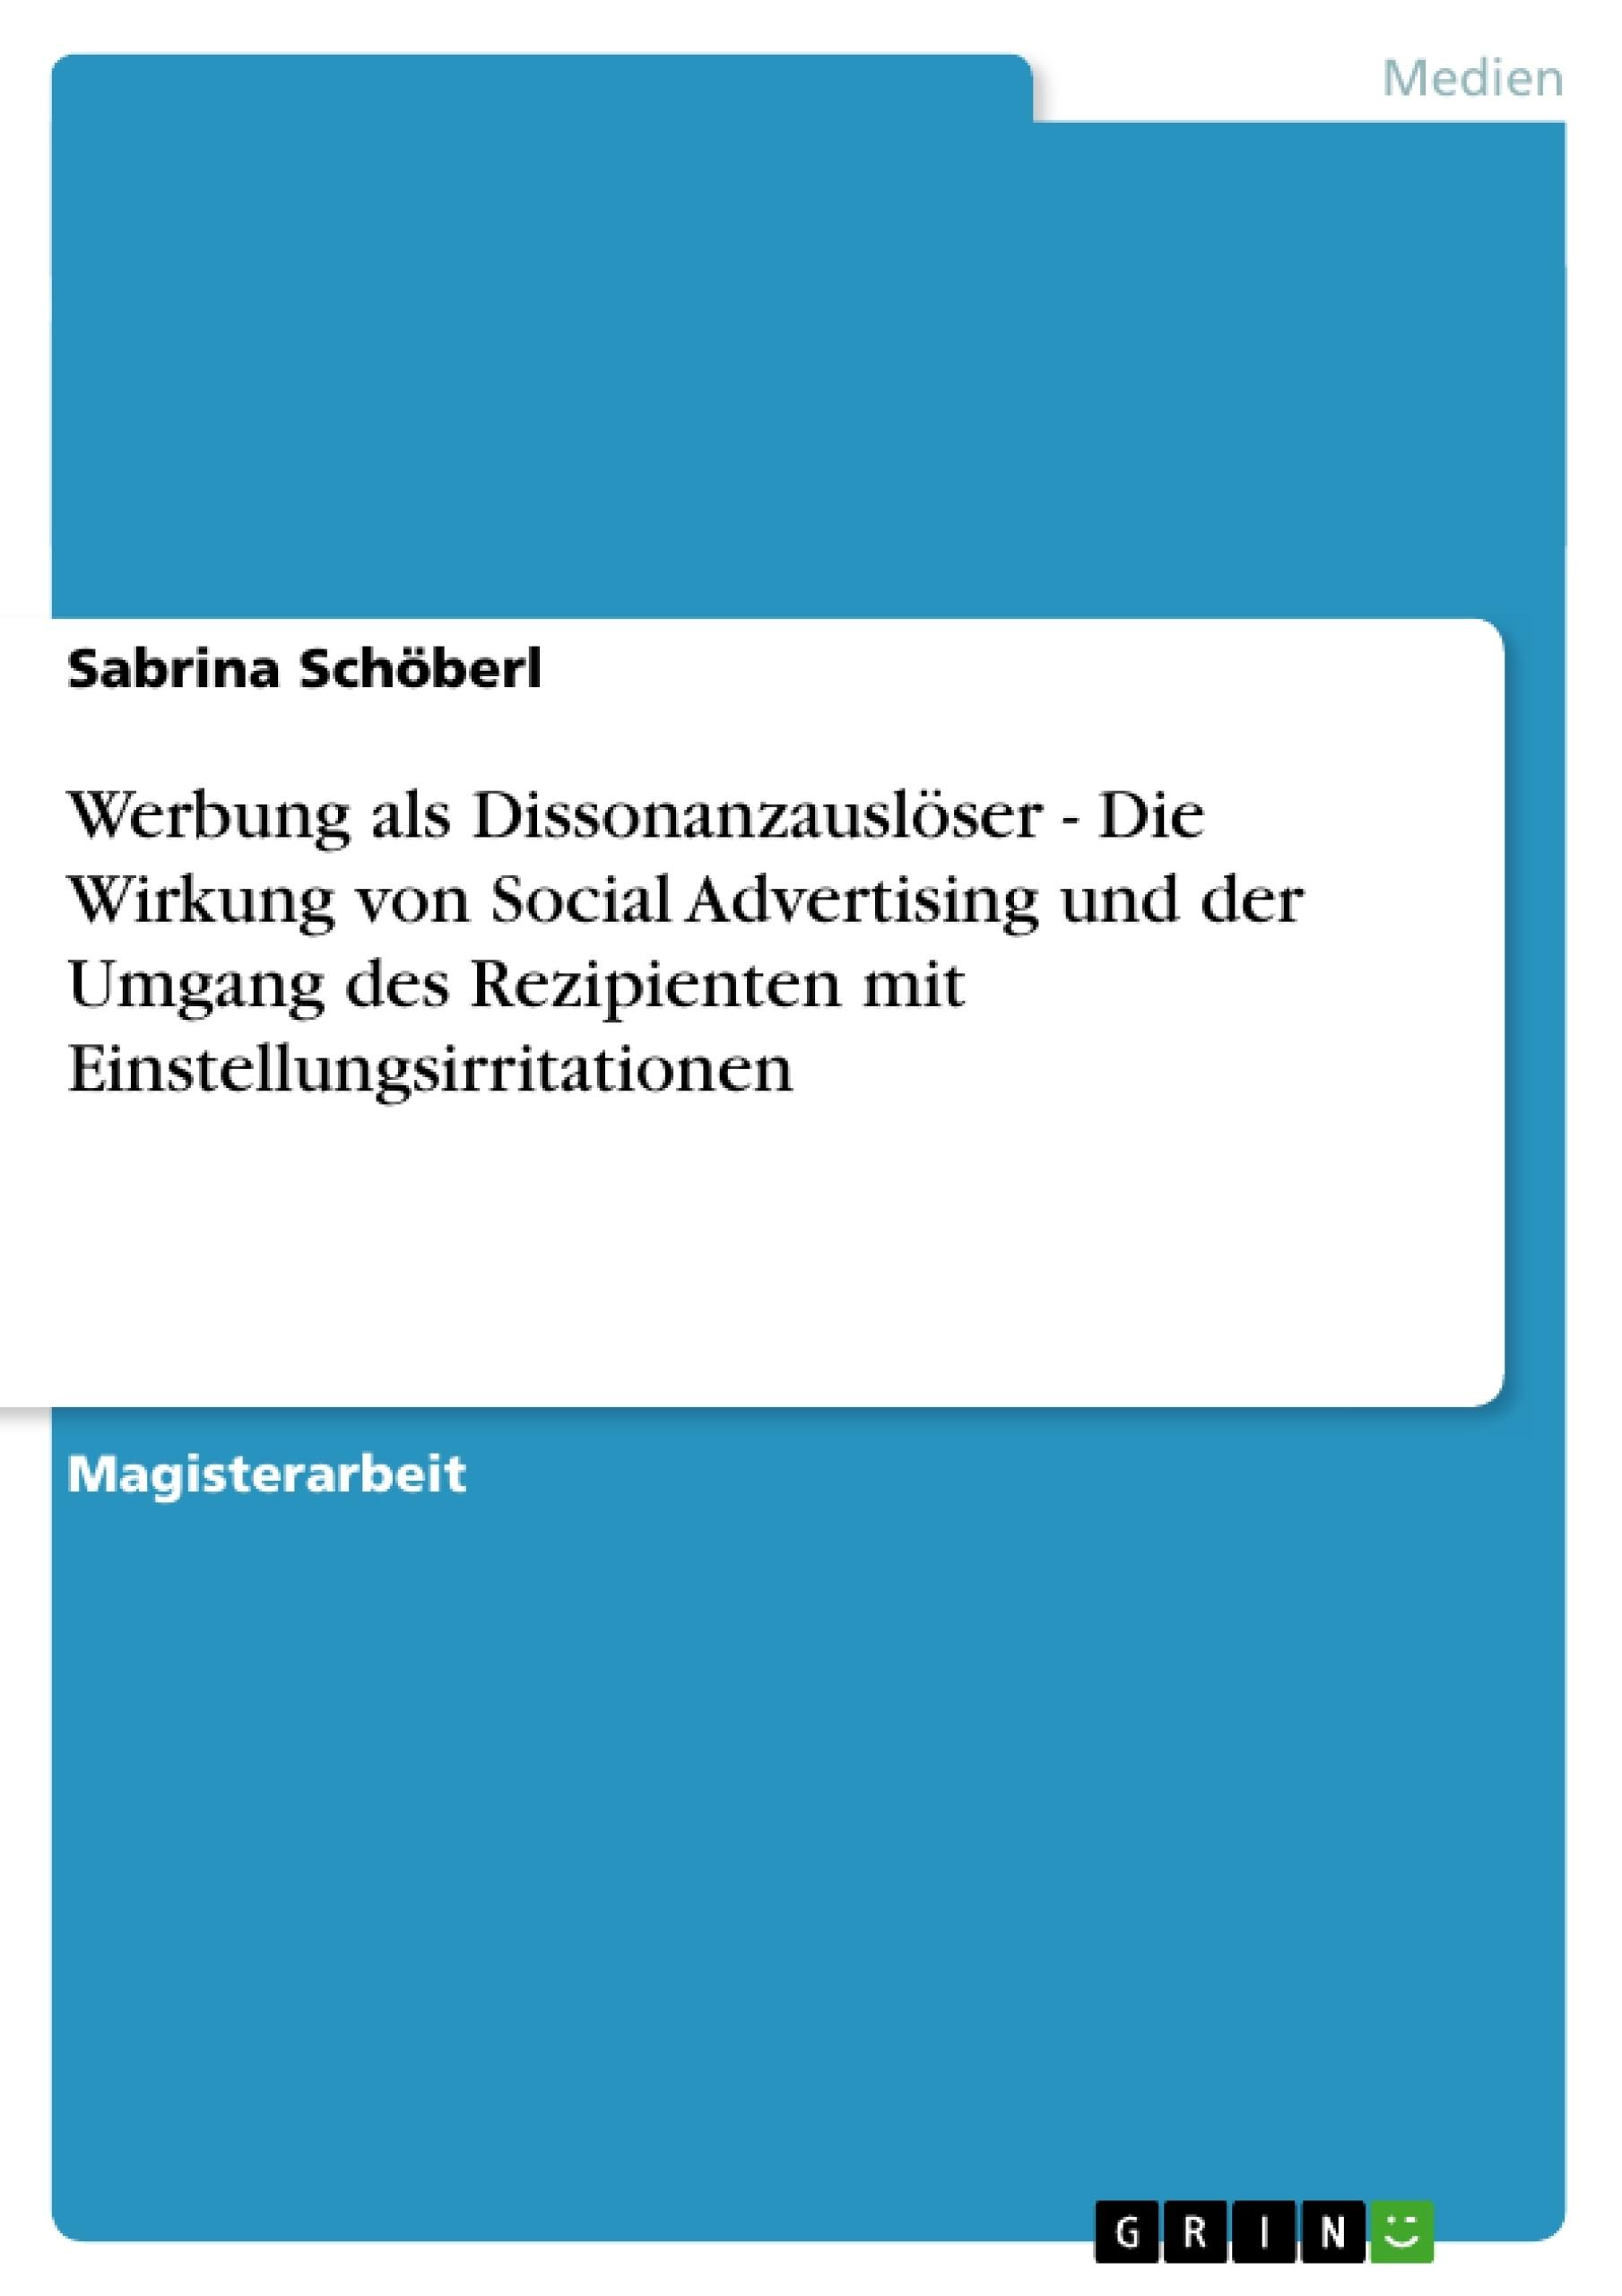 Titel: Werbung als Dissonanzauslöser - Die Wirkung von Social Advertising und der Umgang des Rezipienten mit Einstellungsirritationen